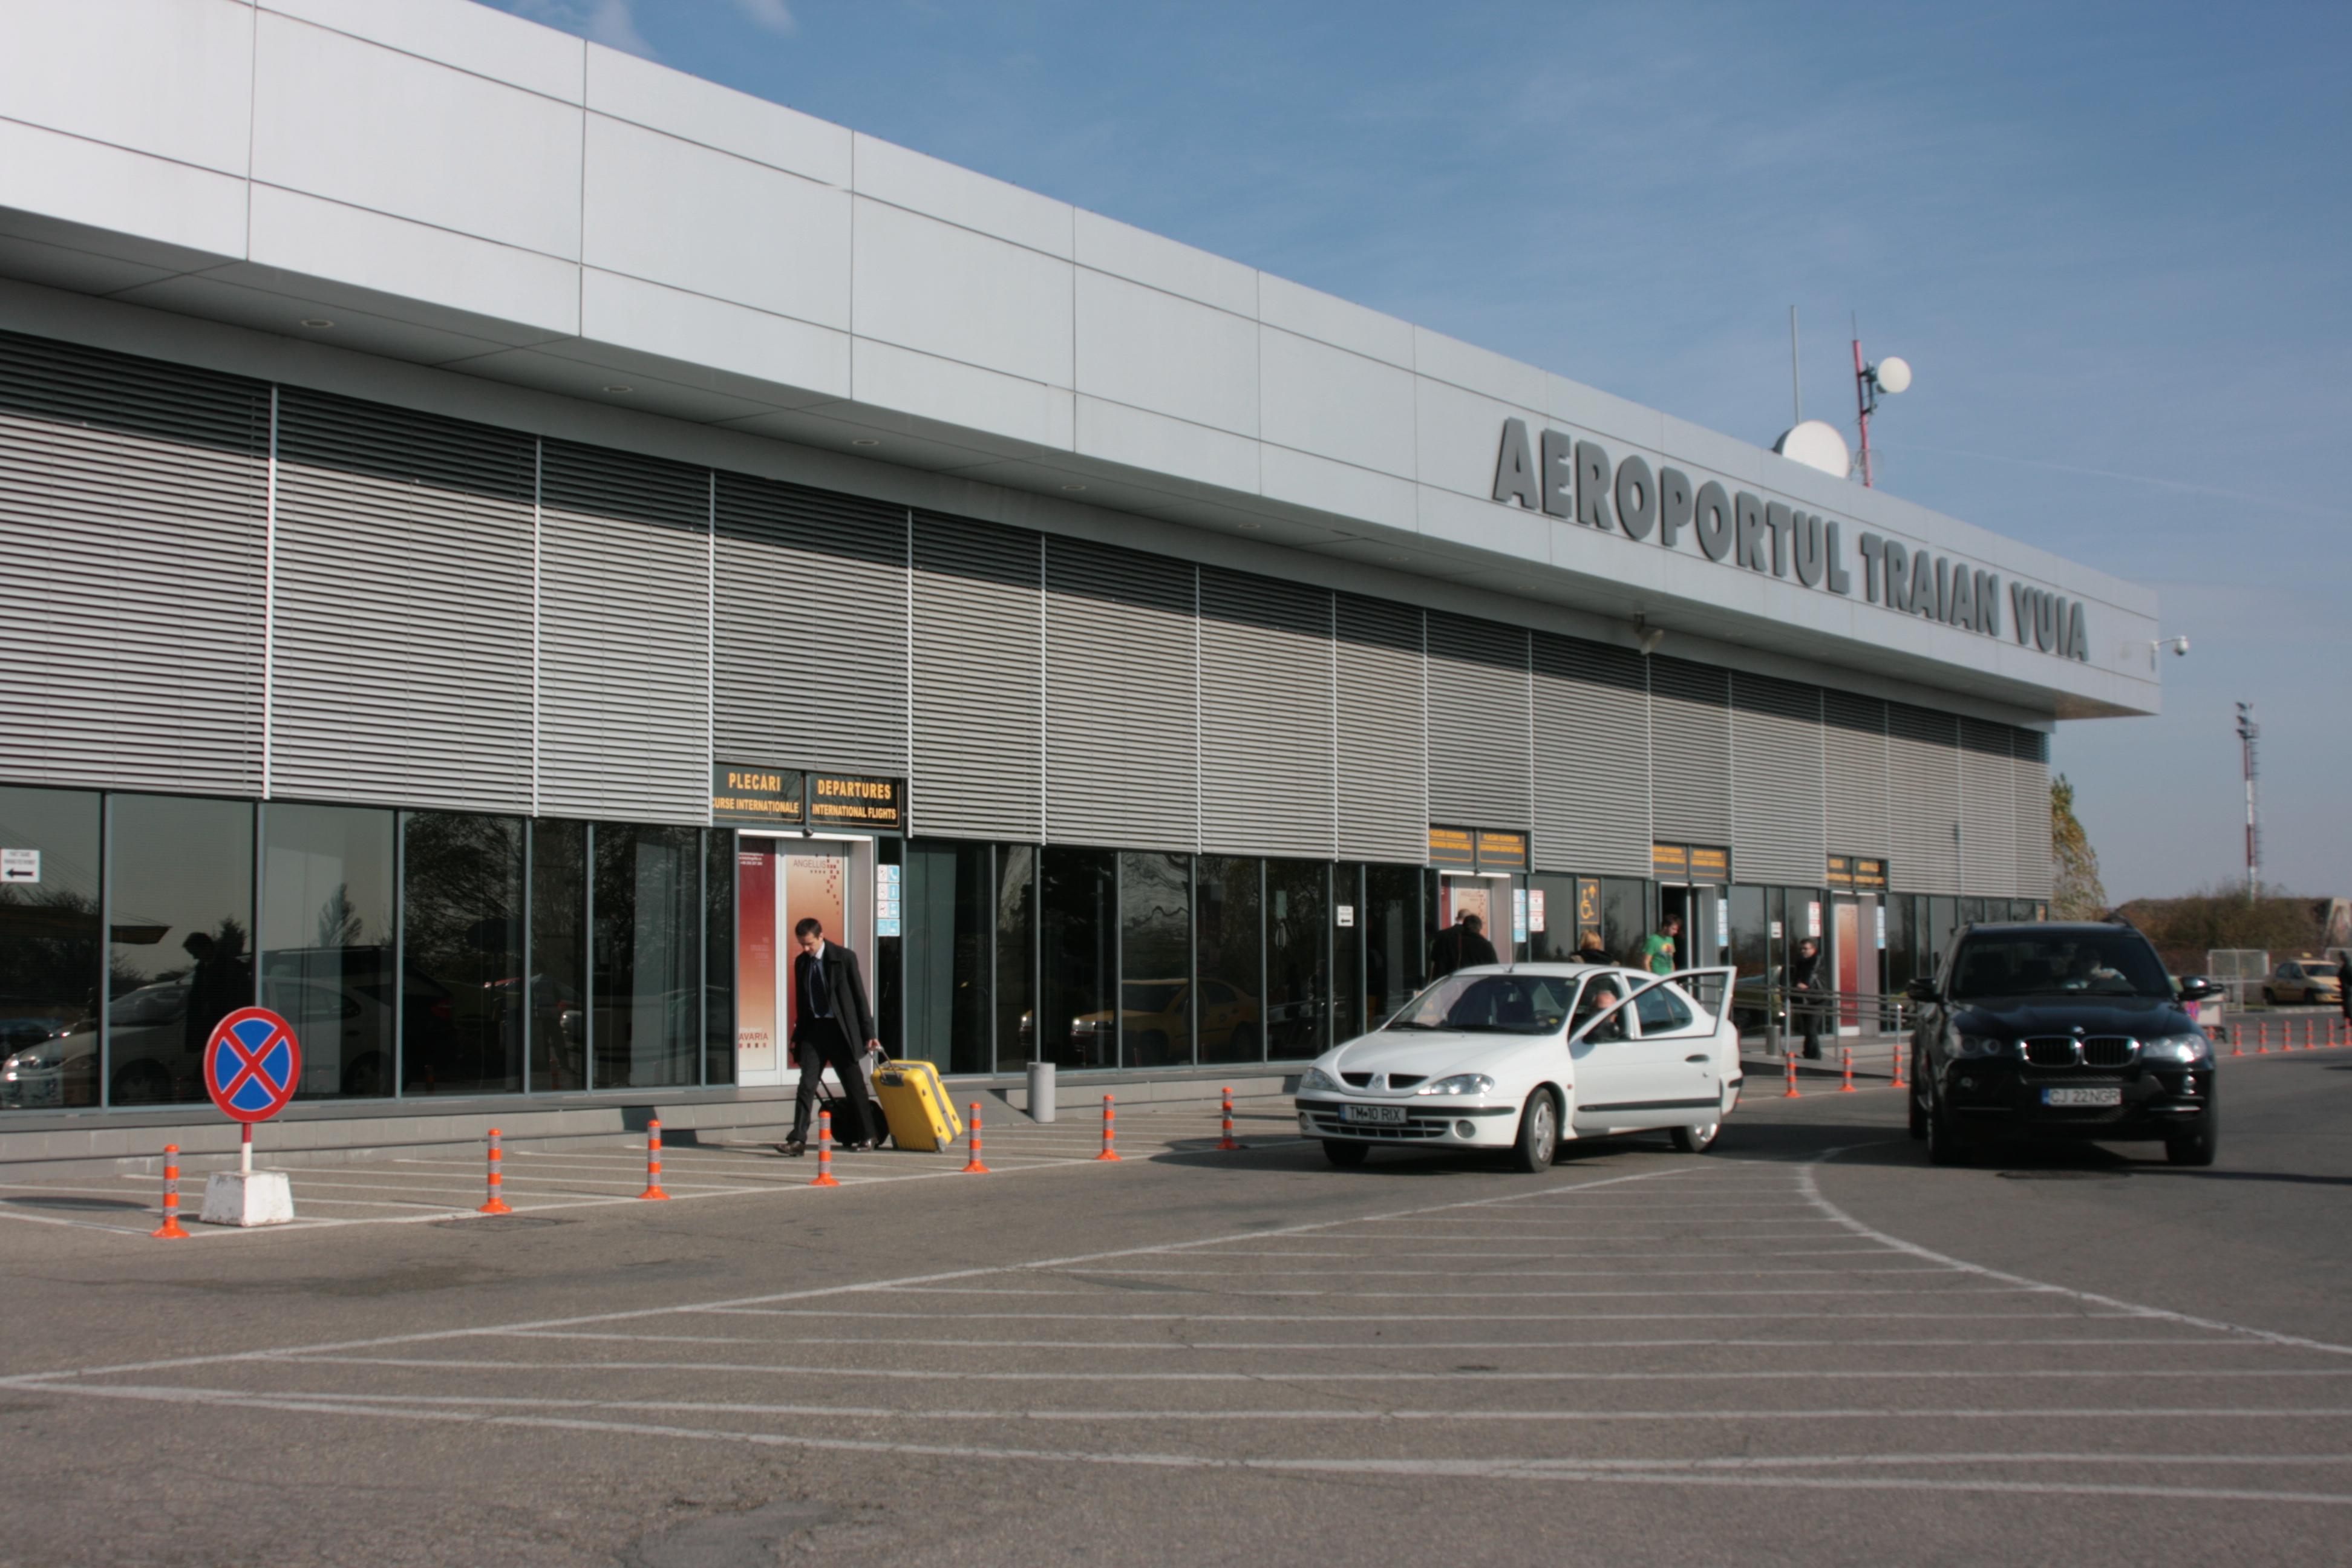 Aeroport-Traian-Vuia-12